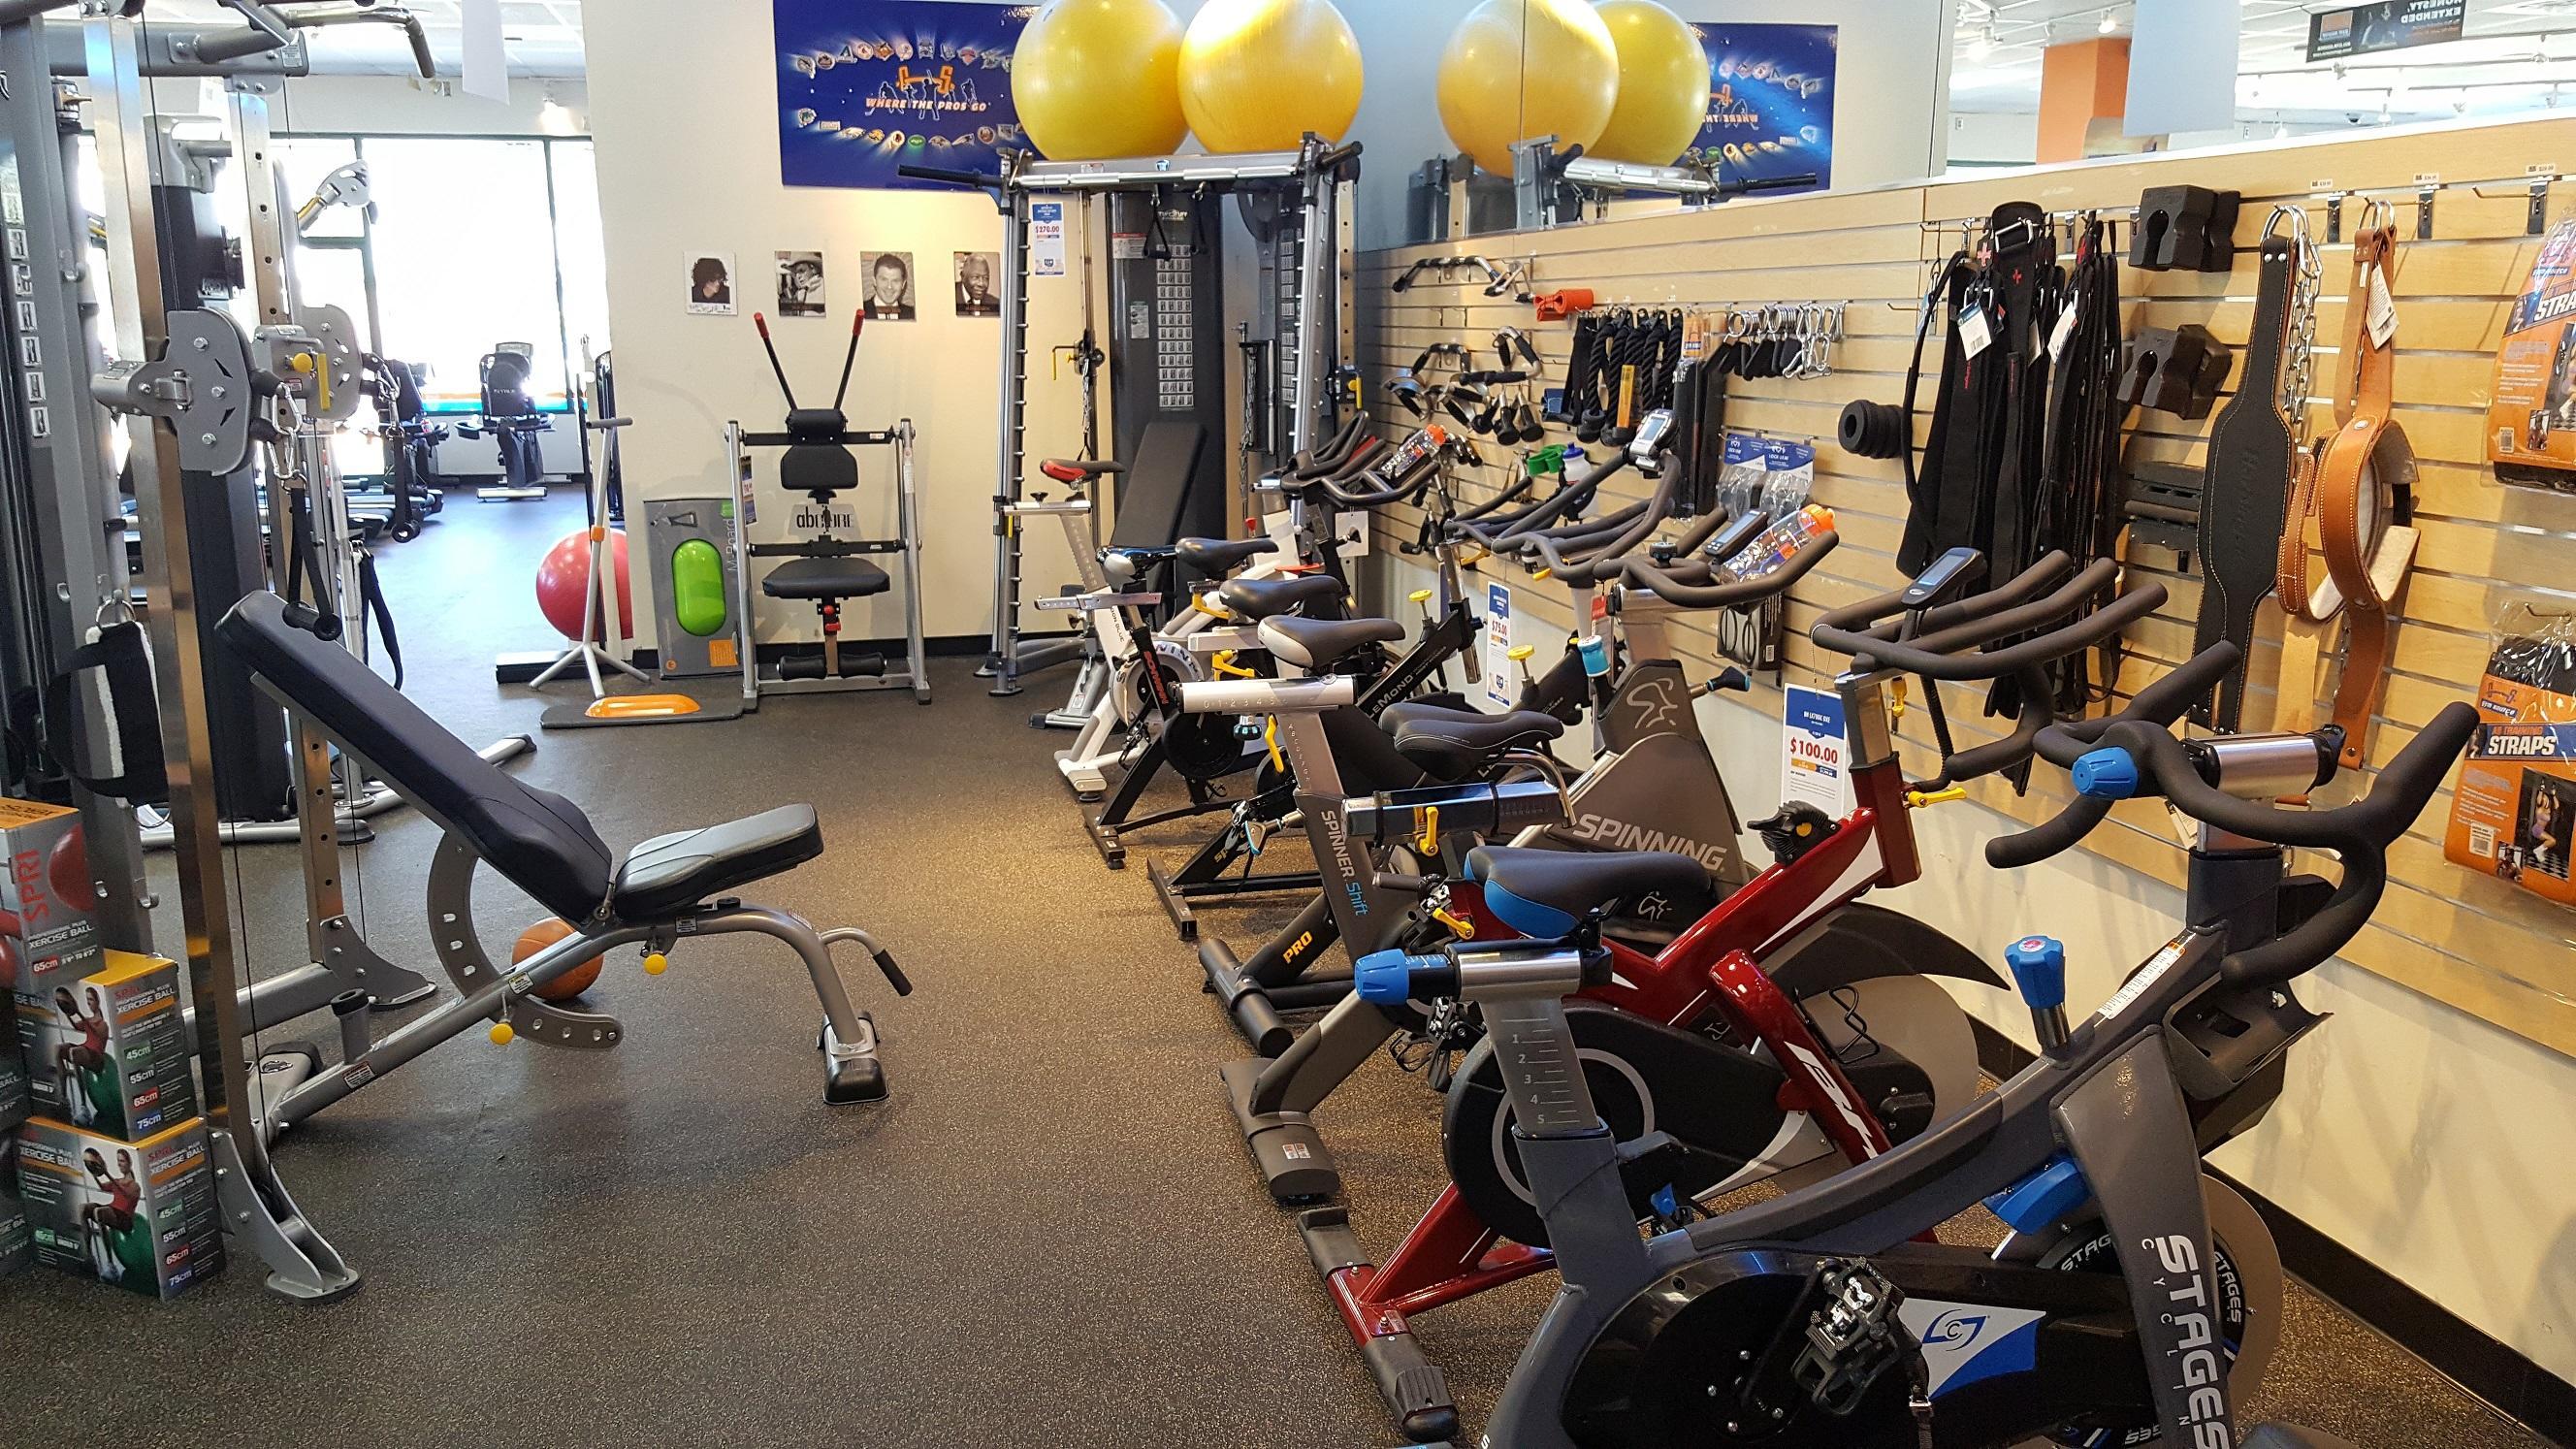 Gym Source image 4